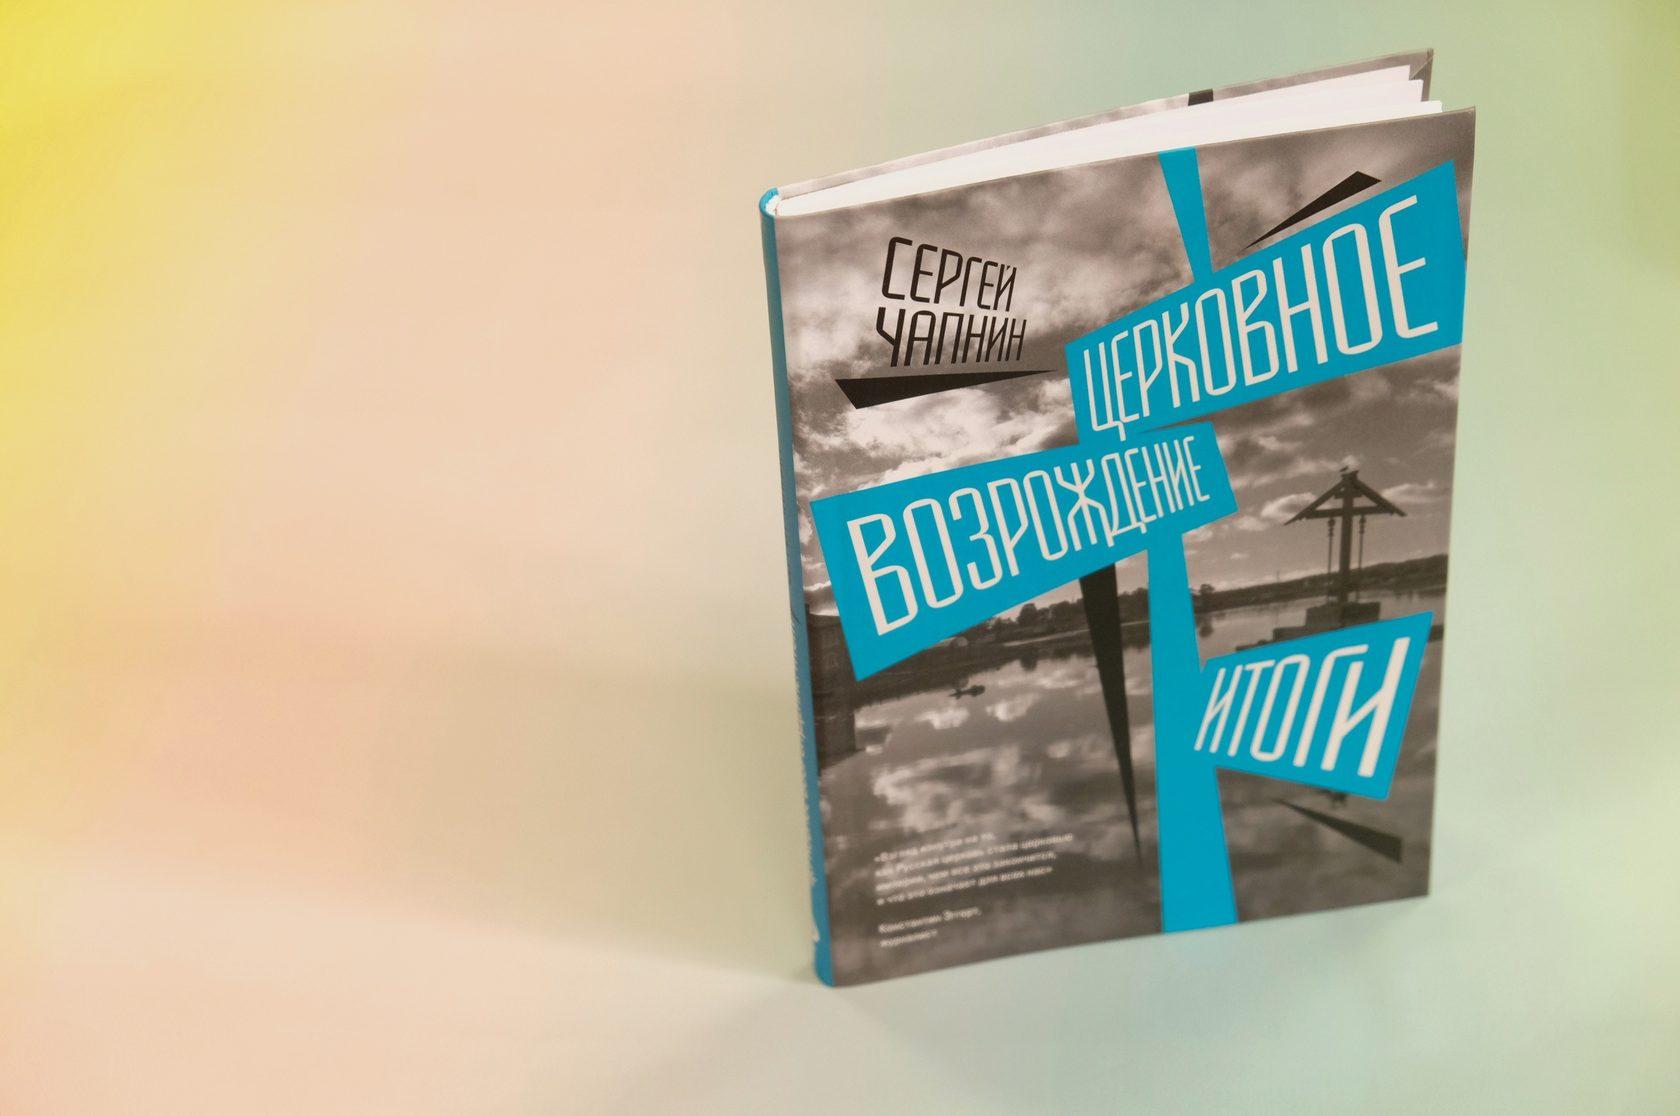 Сергей Чапнин «Церковное возрождение. Итоги»